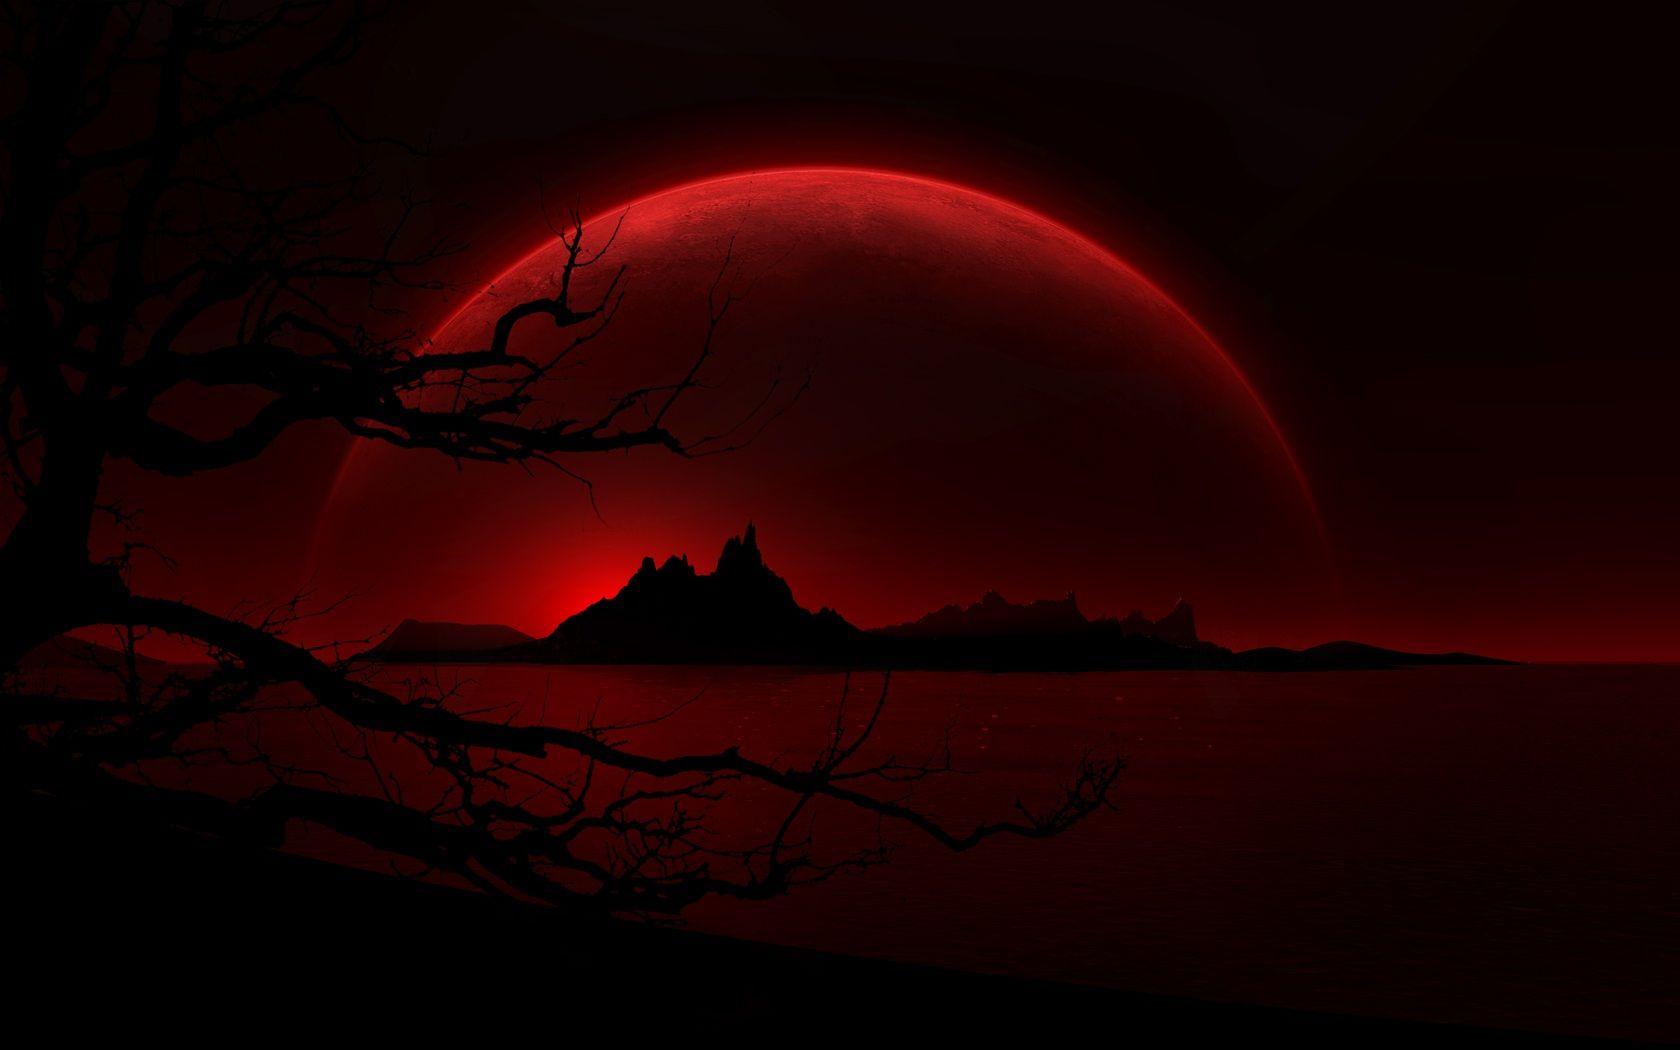 Ảnh mặt trăng máu đẹp